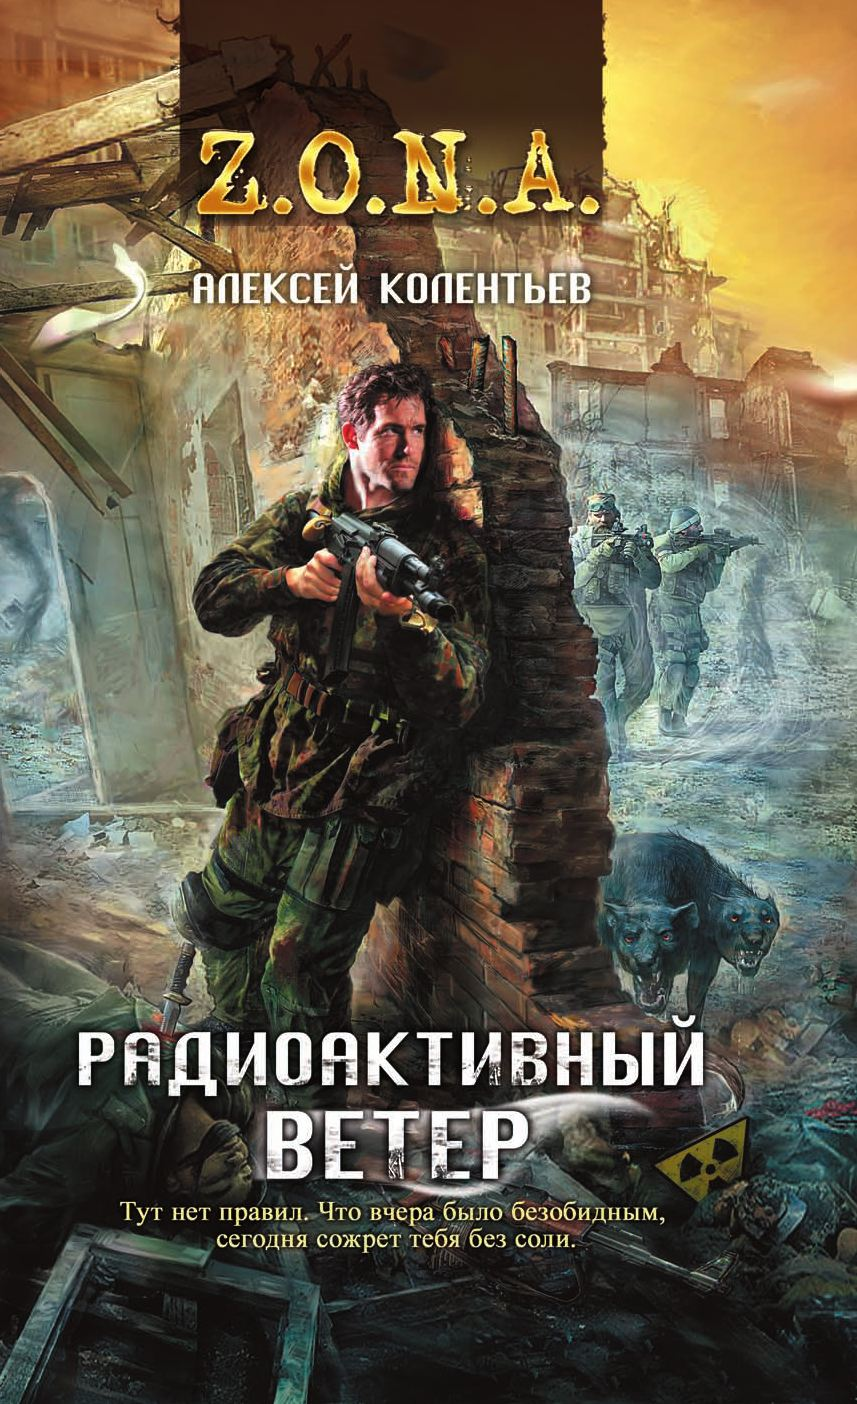 Алексей колентьев партизаны третьей мировой 2